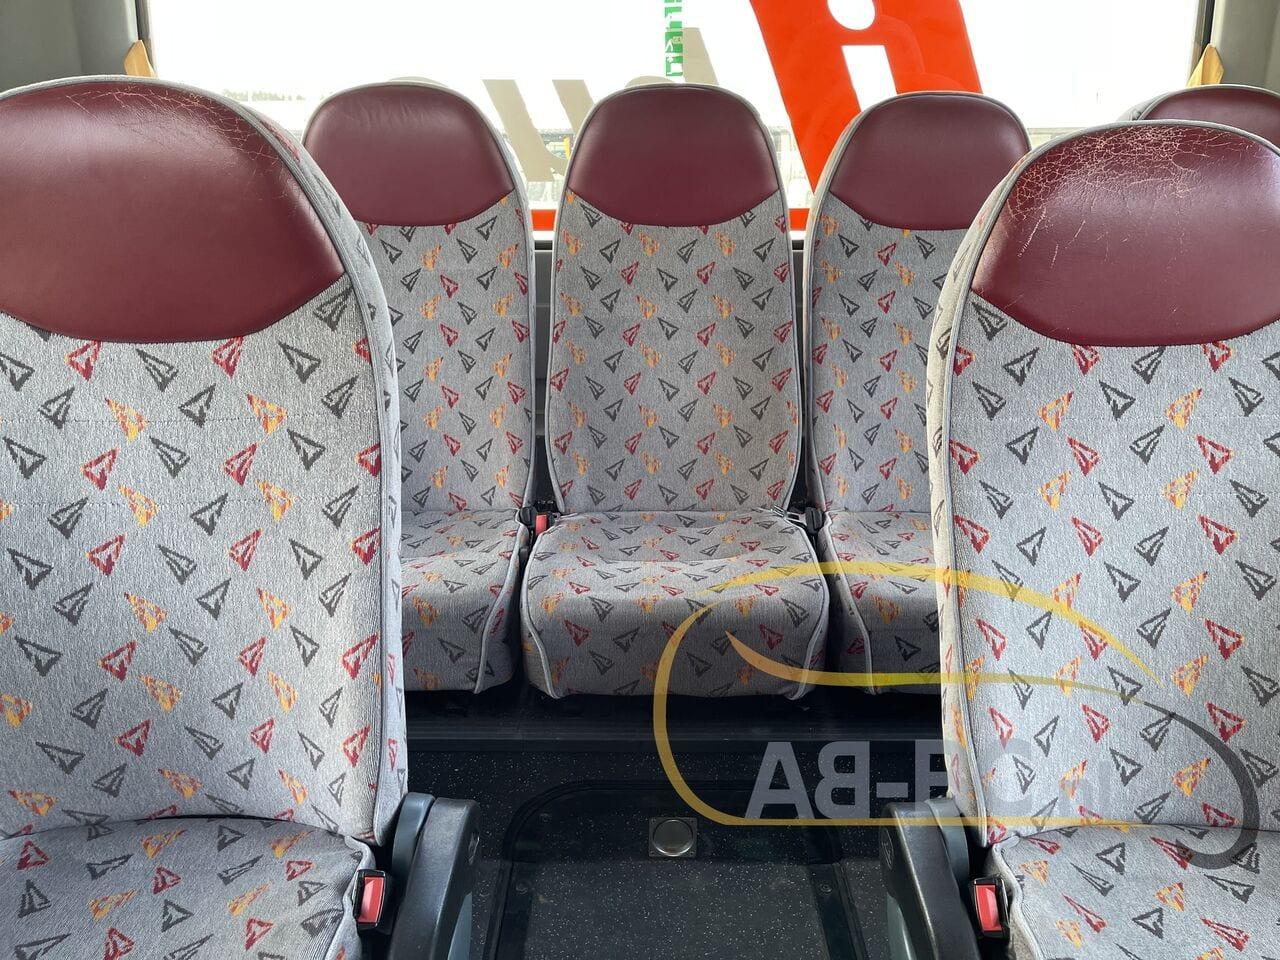 coach-busTEMSA-Safari-RD-53-Seats-DAF-Motor-12-mtr---1616166797906179672_big_b395f7d2495dbd6a9e7071561a77bc11--21031917053743807500